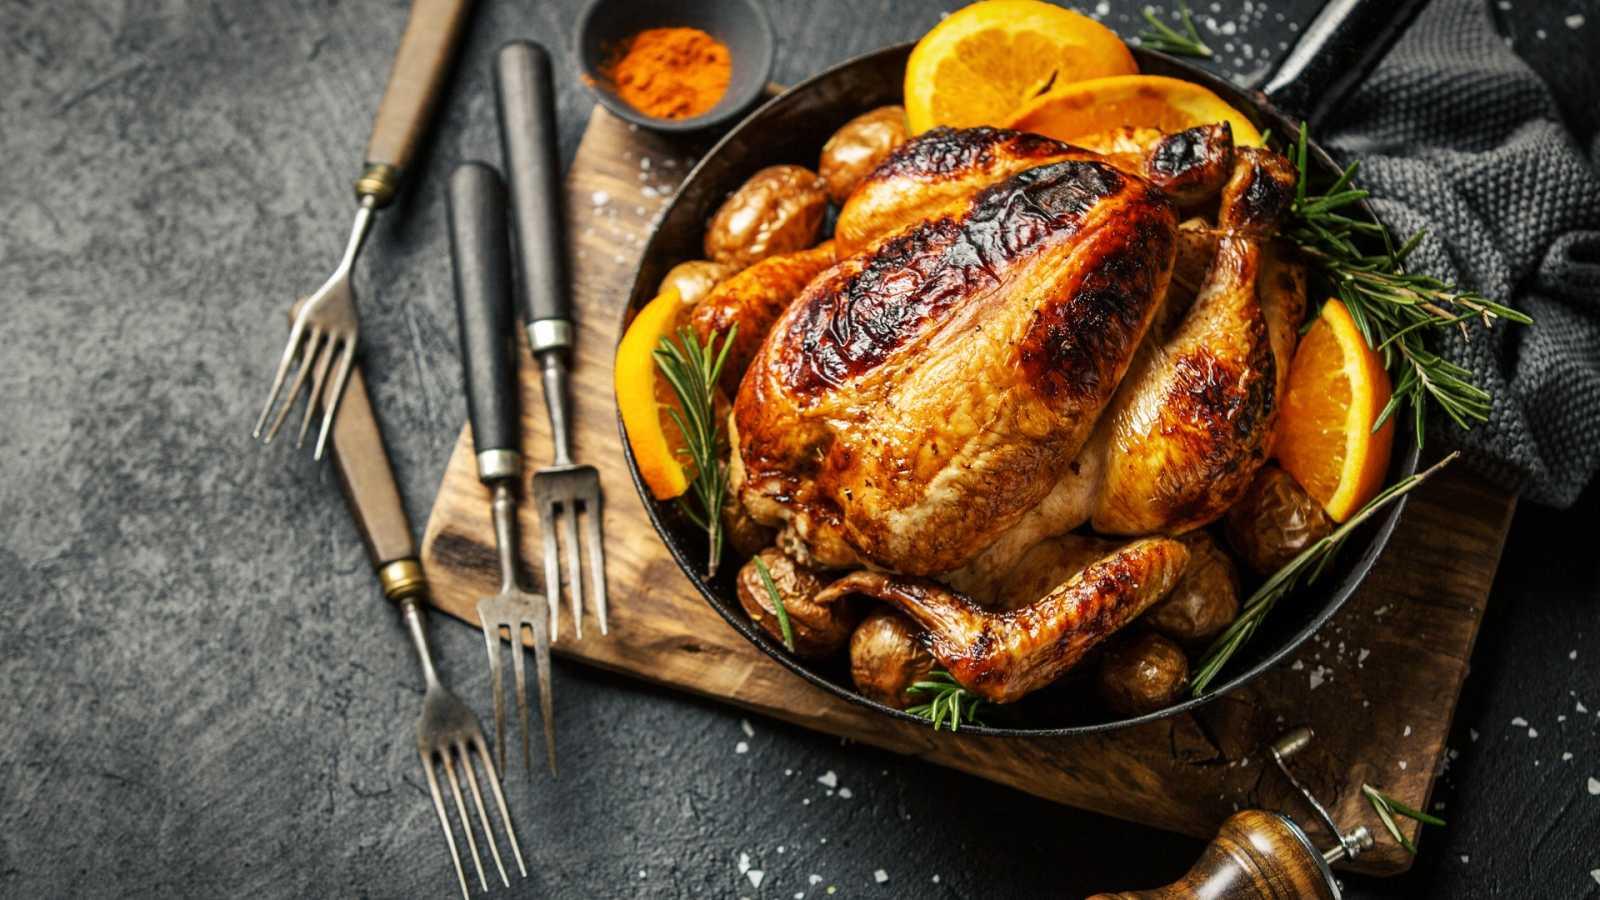 Cómo dorar el pollo al horno, ¡mega truco!